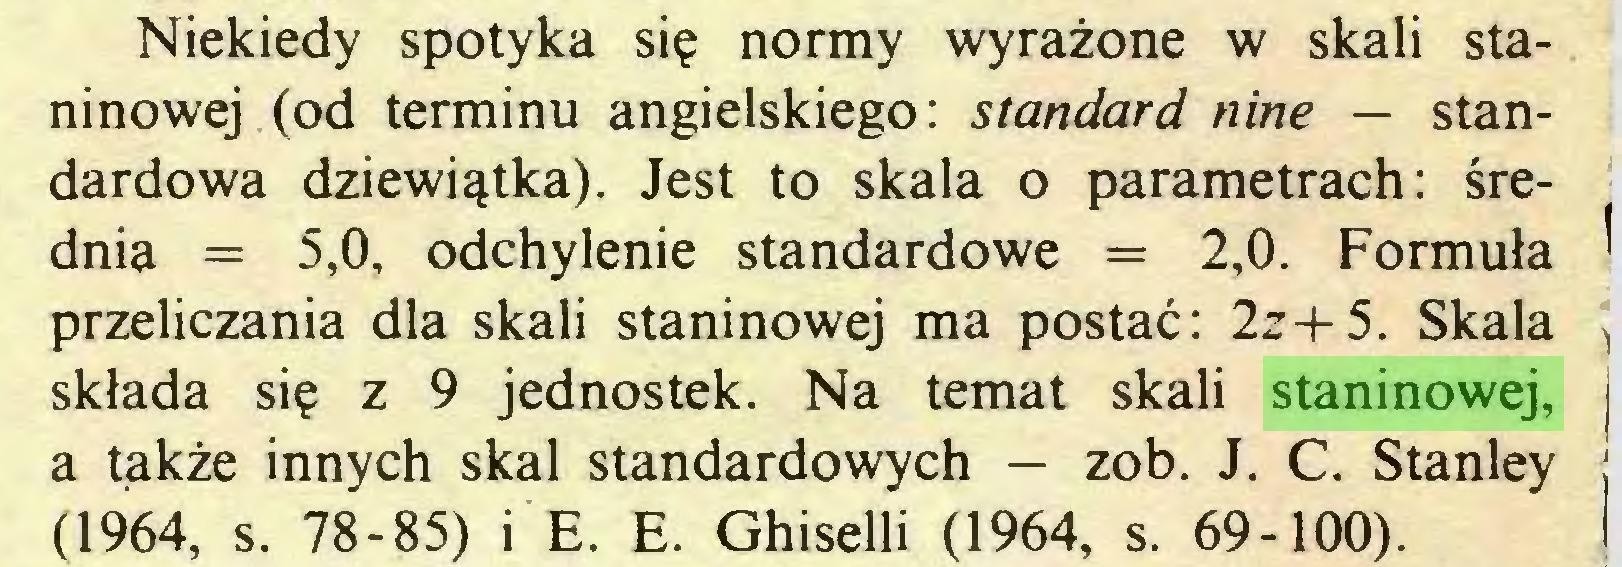 (...) Niekiedy spotyka się normy wyrażone w skali staninowej (od terminu angielskiego: standard nine — standardowa dziewiątka). Jest to skala o parametrach: średnia = 5,0, odchylenie standardowe = 2,0. Formuła ^ przeliczania dla skali staninowej ma postać: 2z+5. Skala >, składa się z 9 jednostek. Na temat skali staninowej, i a także innych skal standardowych — zob. J. C. Stanley j (1964, s. 78-85) i E. E. Ghiselli (1964, s. 69-100)...